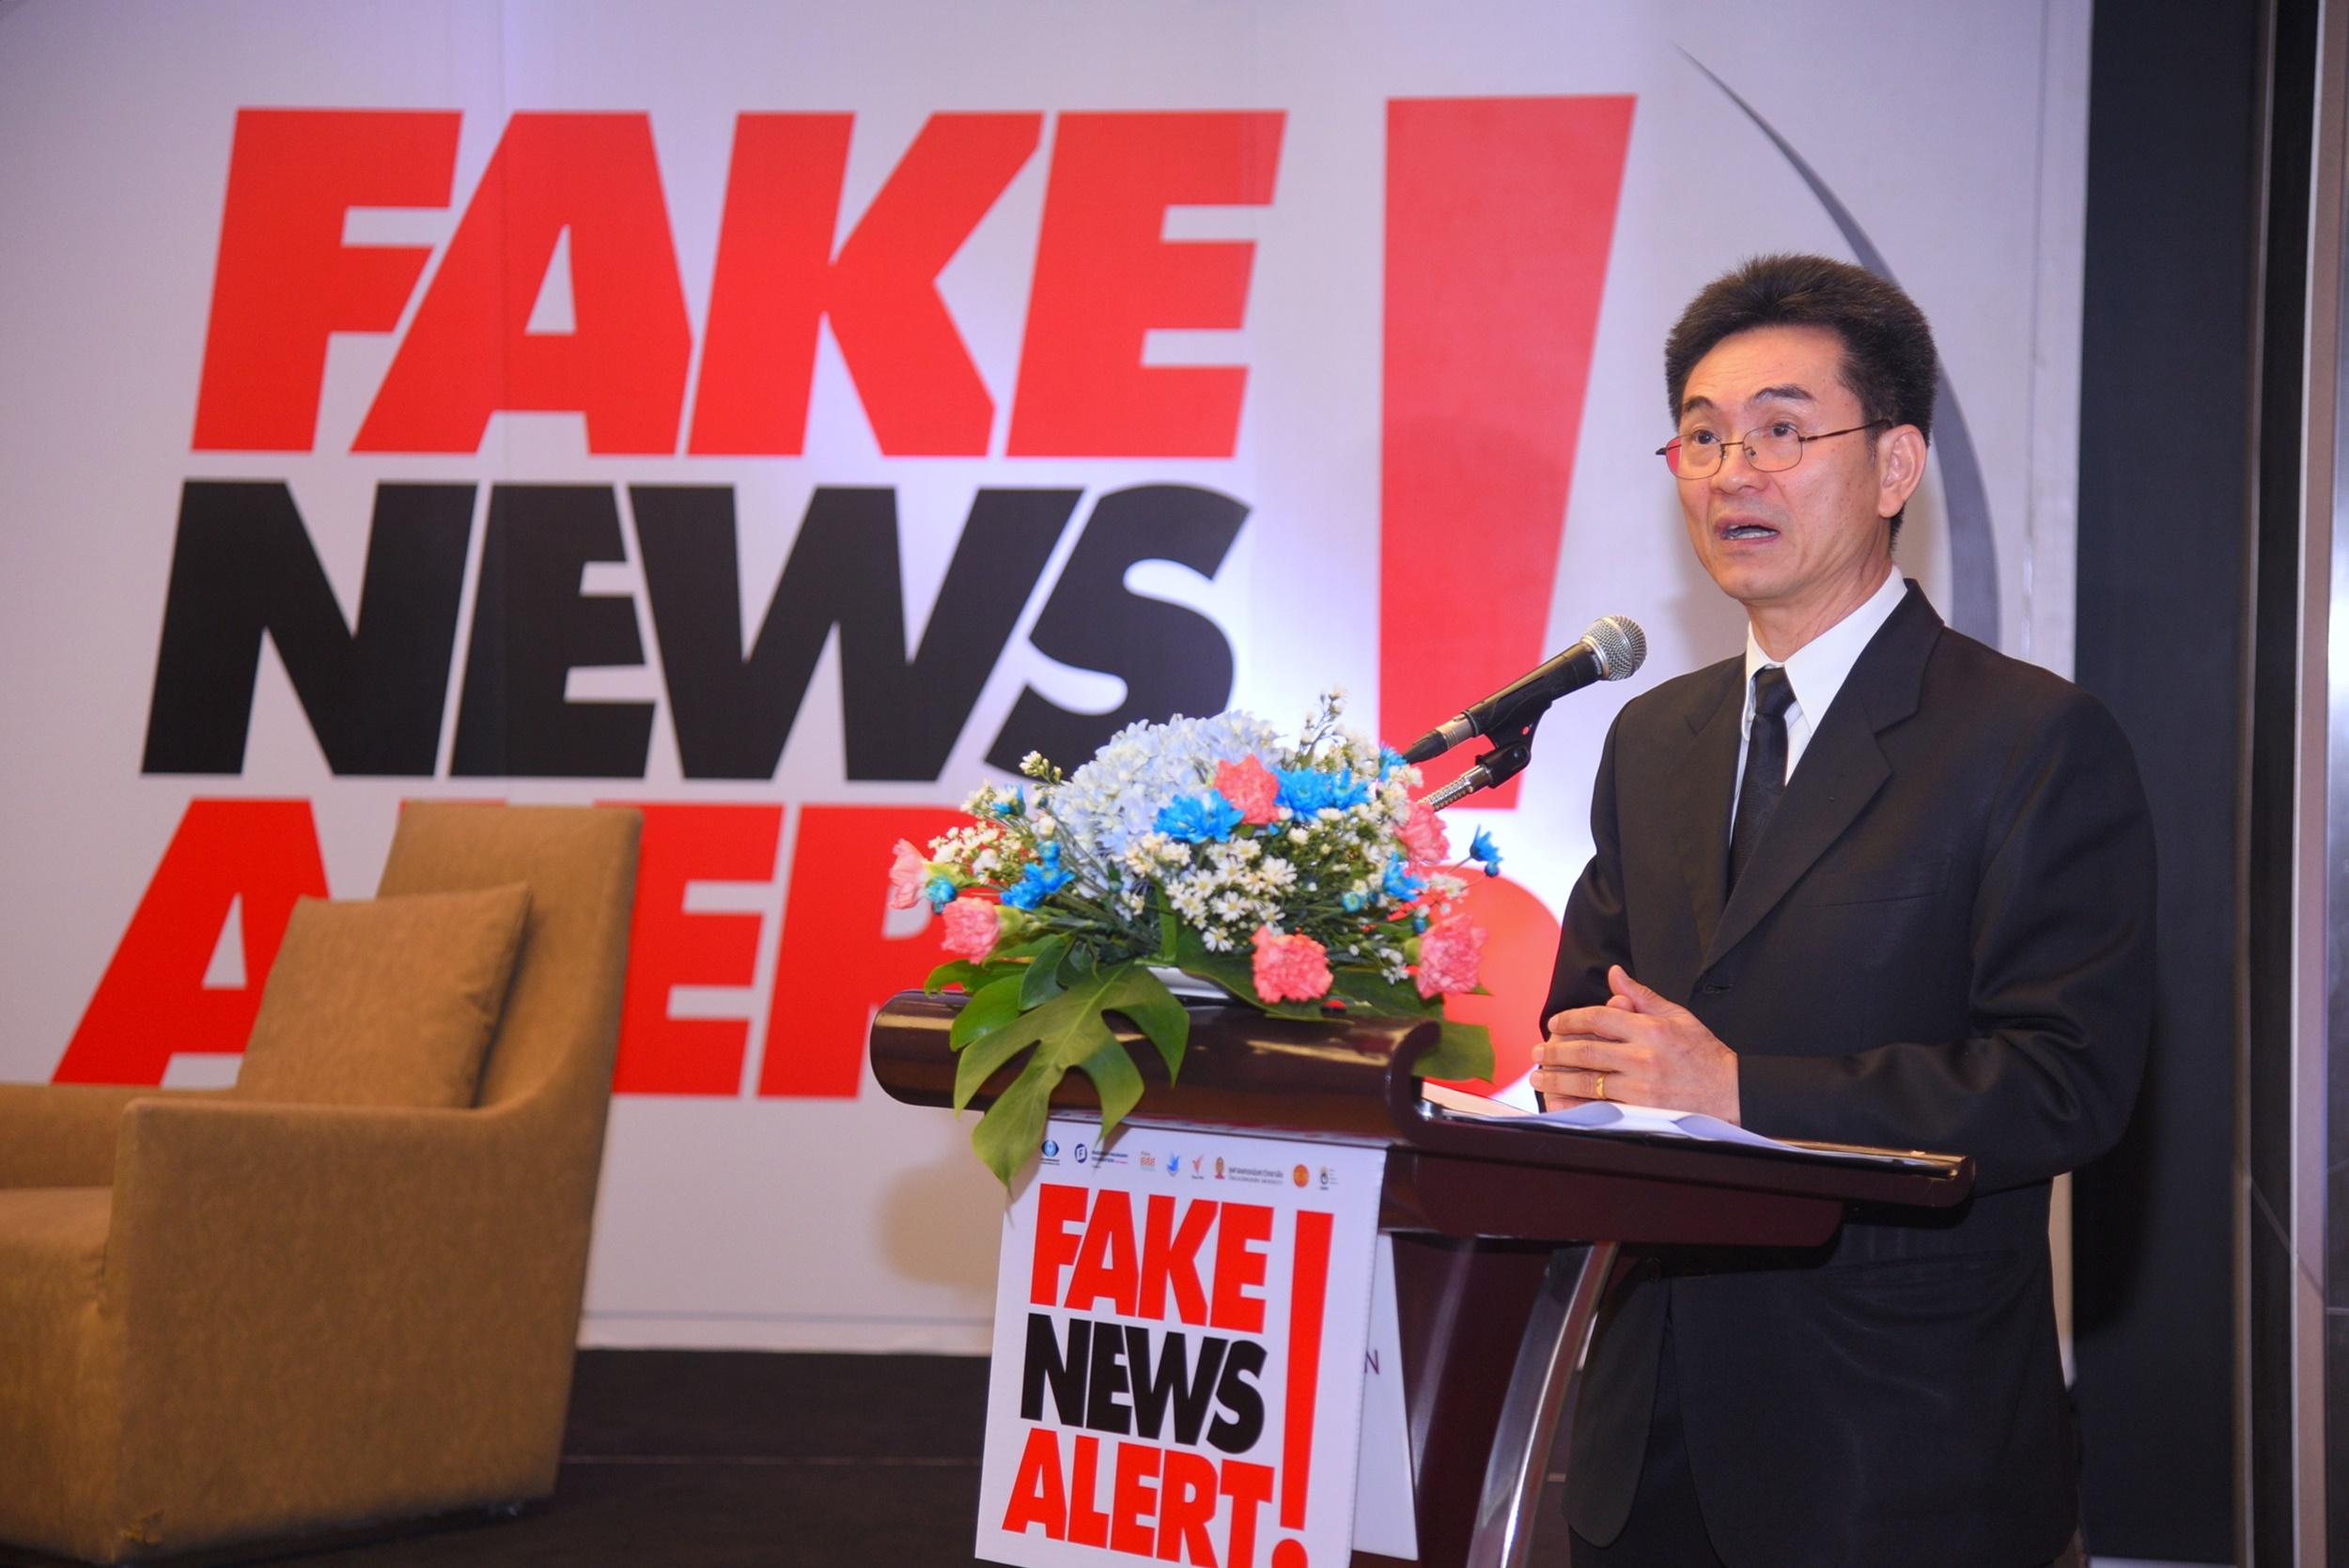 สร้างภูมิคุ้มกันสังคมไทย ต้านข่าวลวง ข่าวปลอม thaihealth